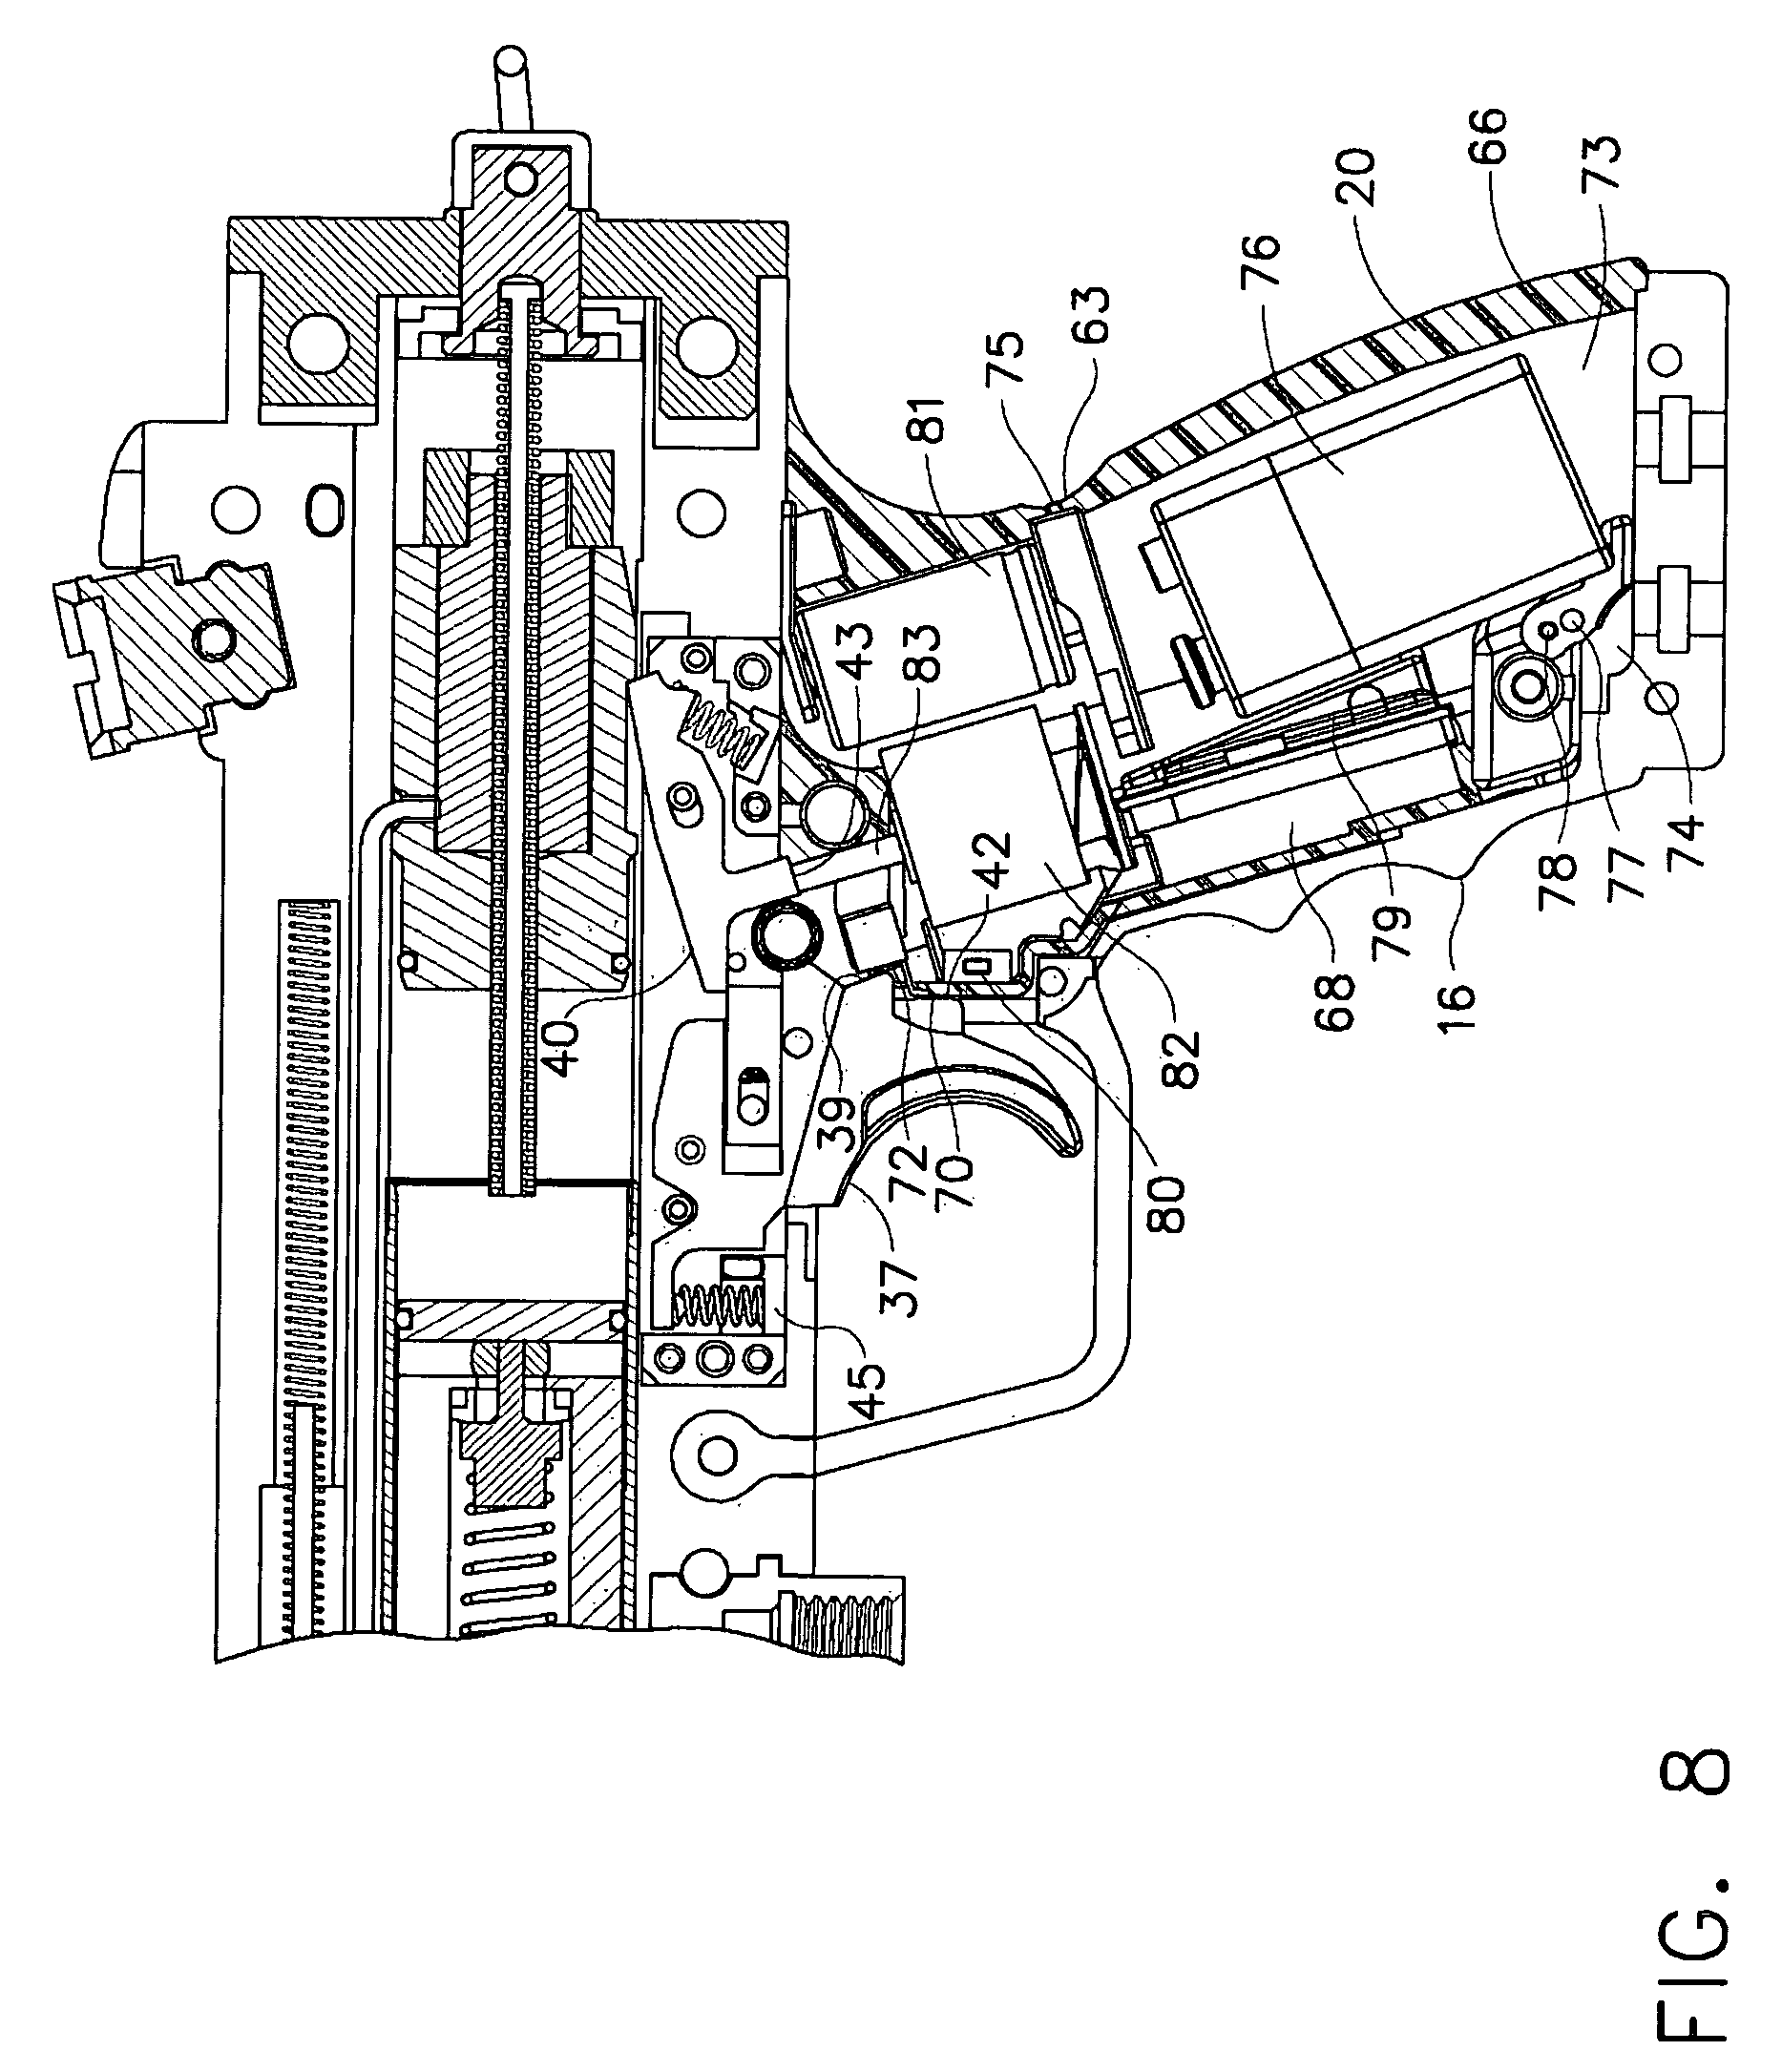 454 v8 engine diagram